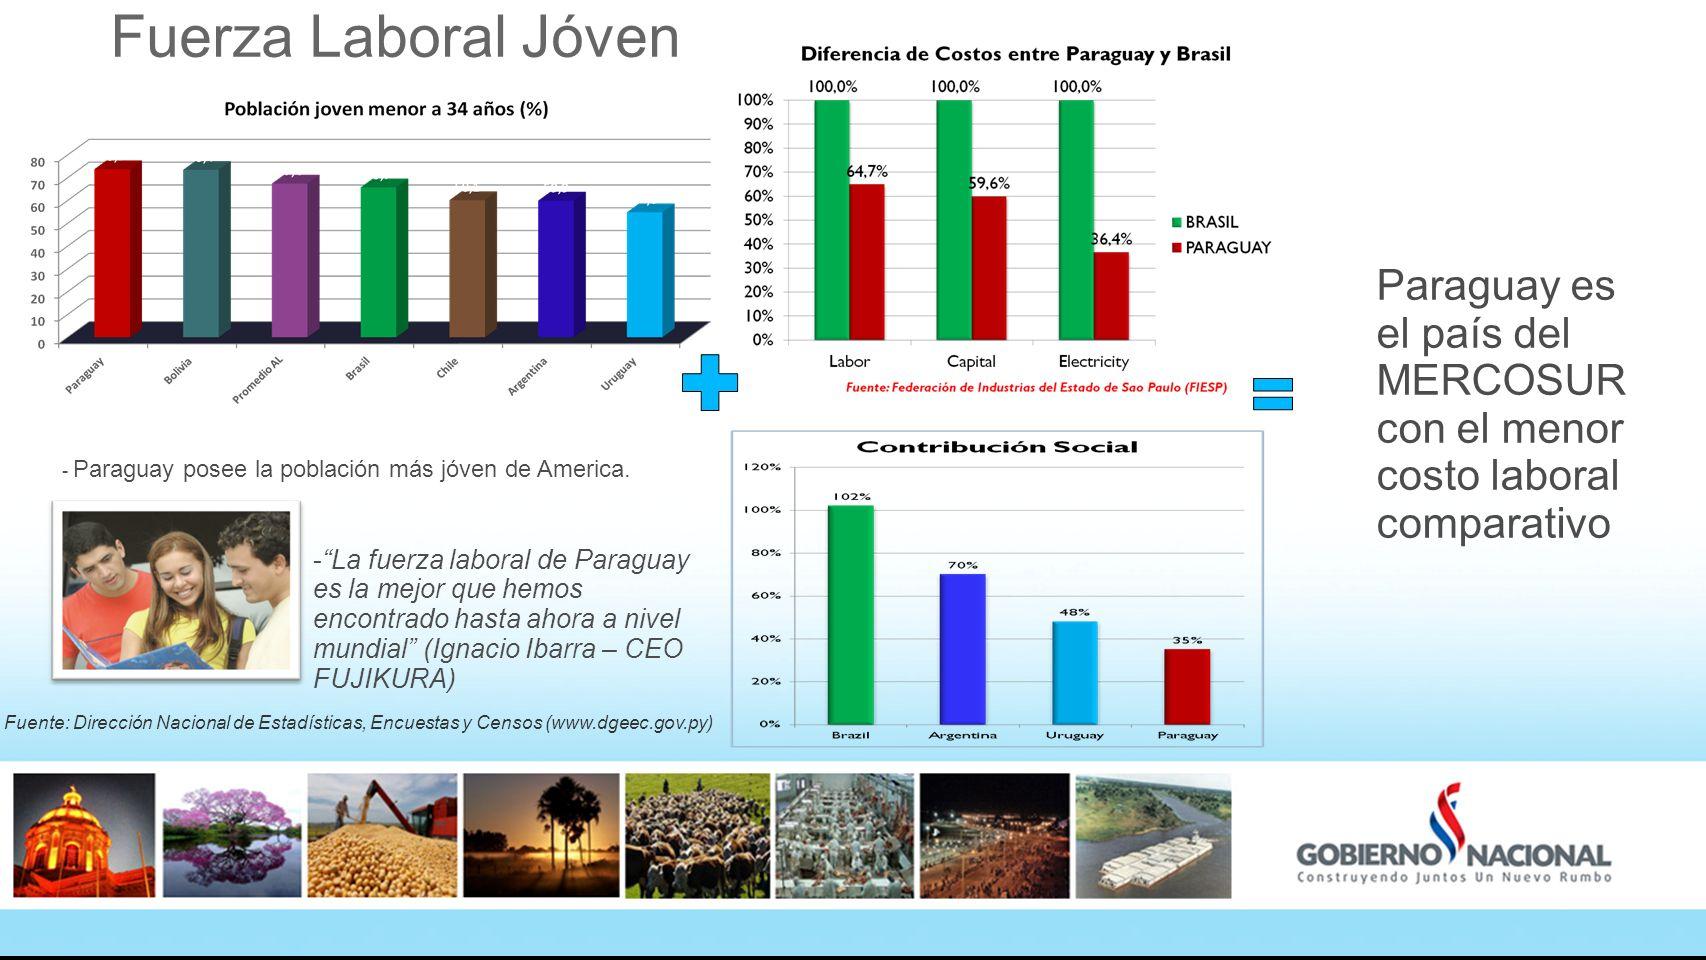 Fuerza Laboral Jóven - Paraguay posee la población más jóven de America.